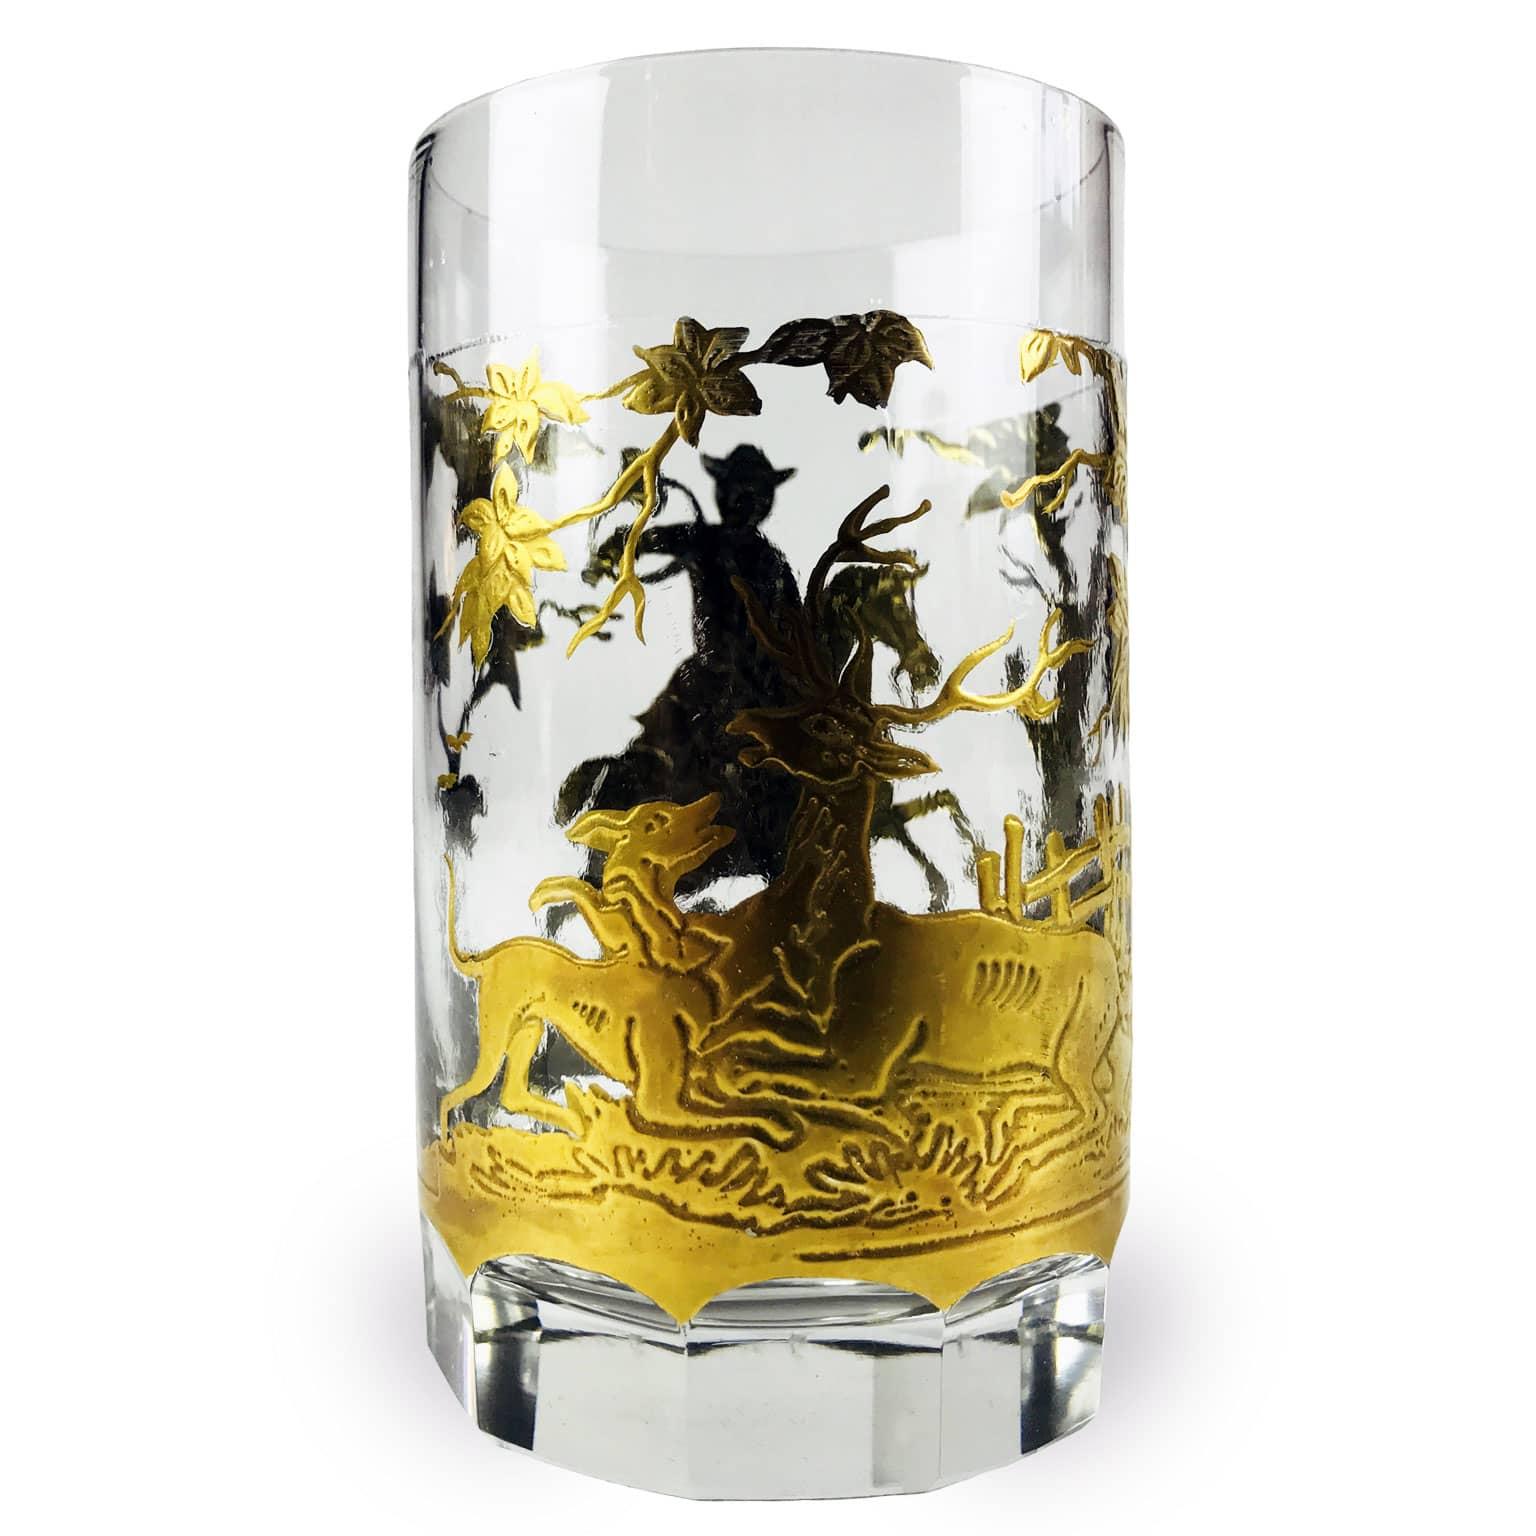 Bicchiere-Tondo-con-Scene-di-Caccia-in-Oro-fine-1800-2